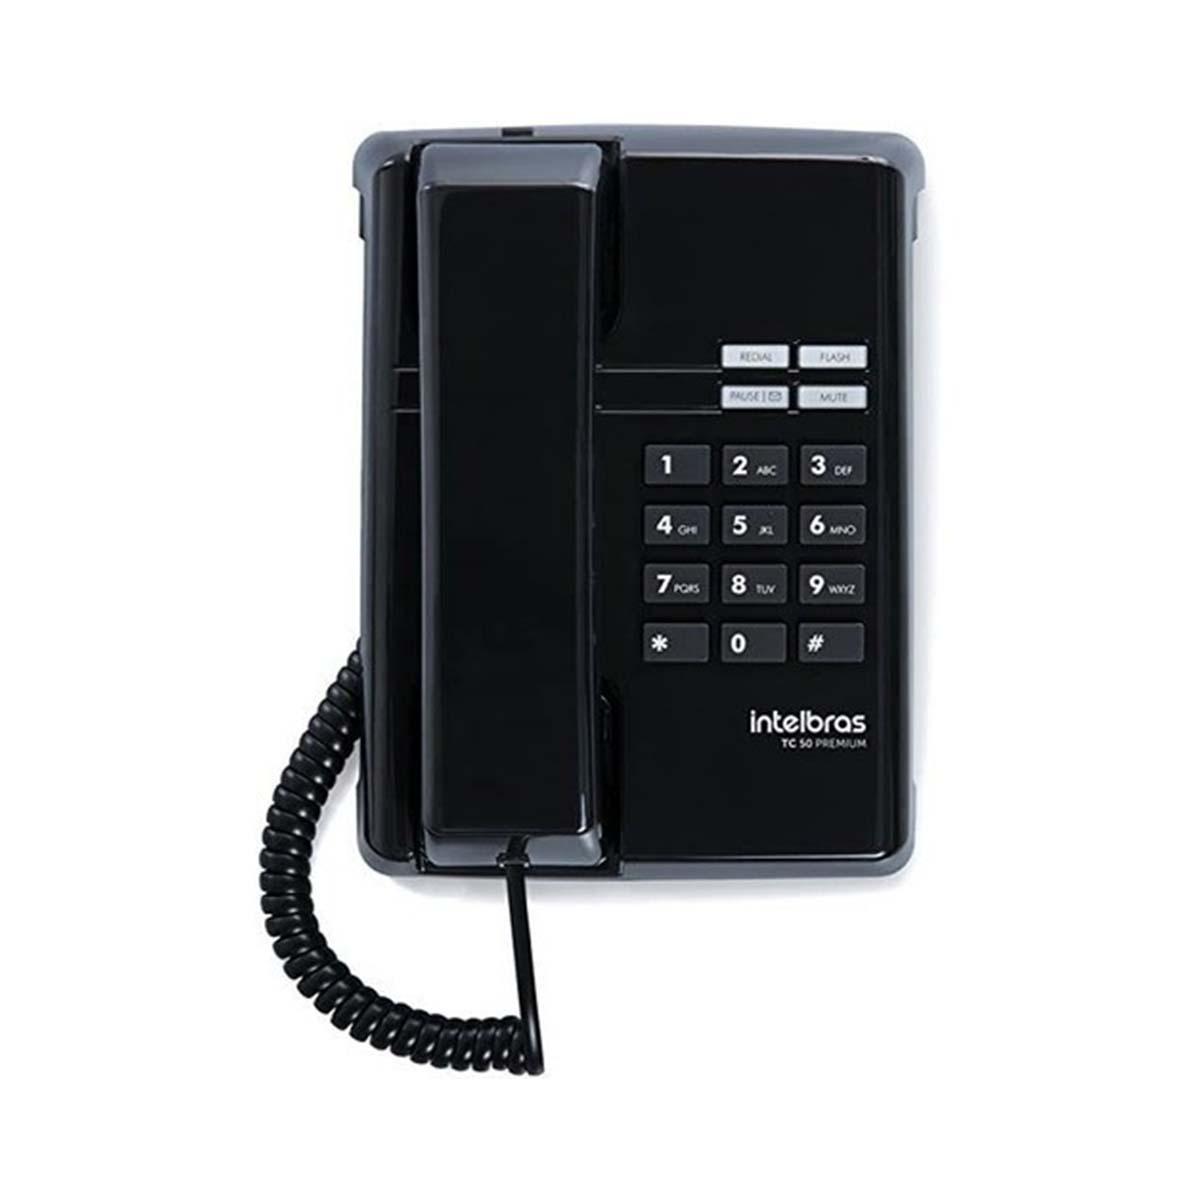 Kit 05 Telefone De Mesa Intelbras Tc50 Premium Preto